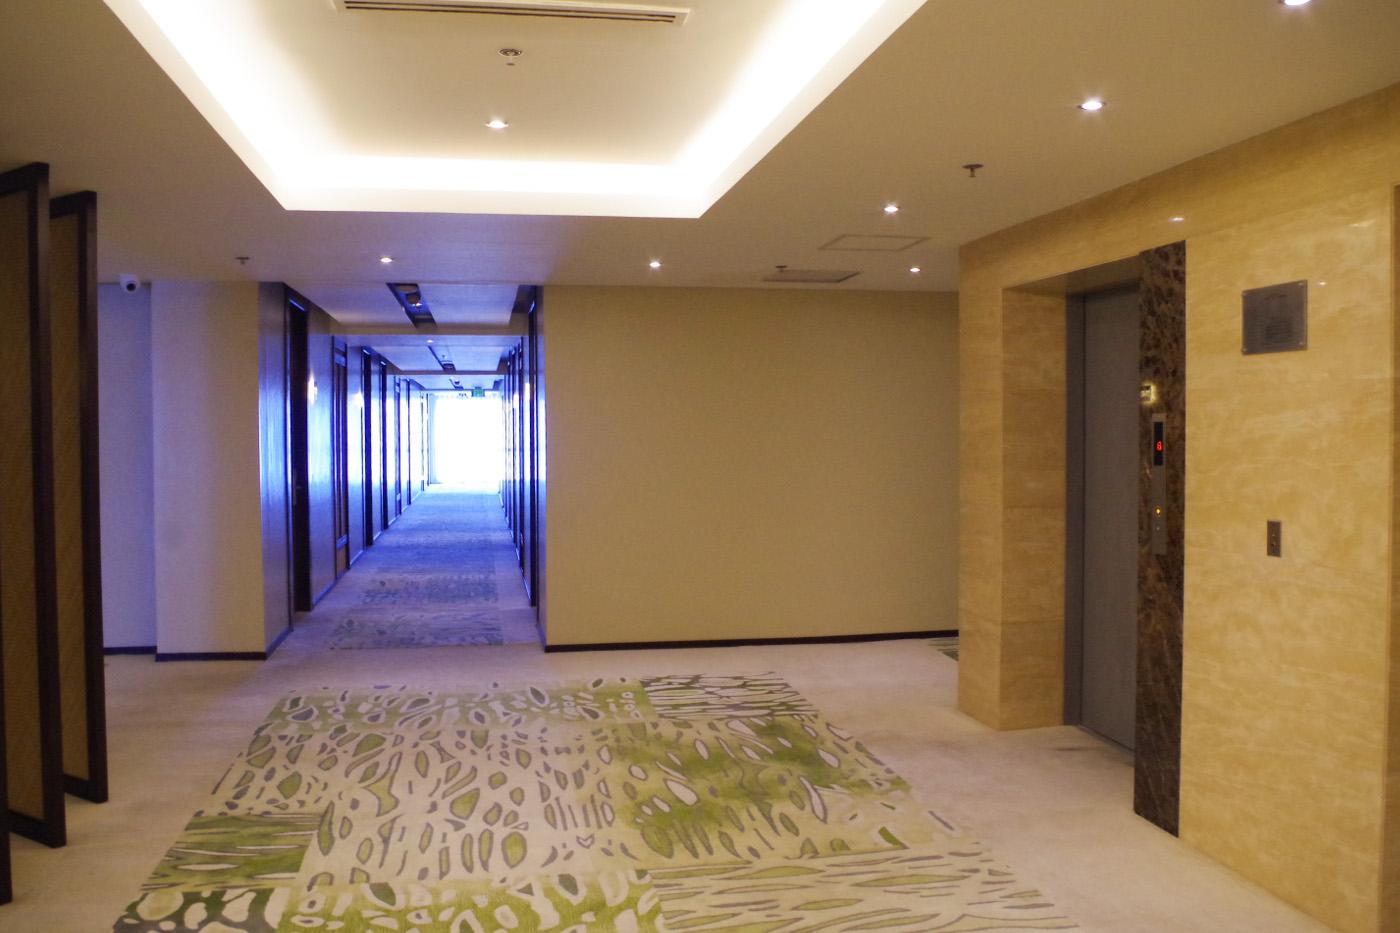 マアヨーホテルの廊下